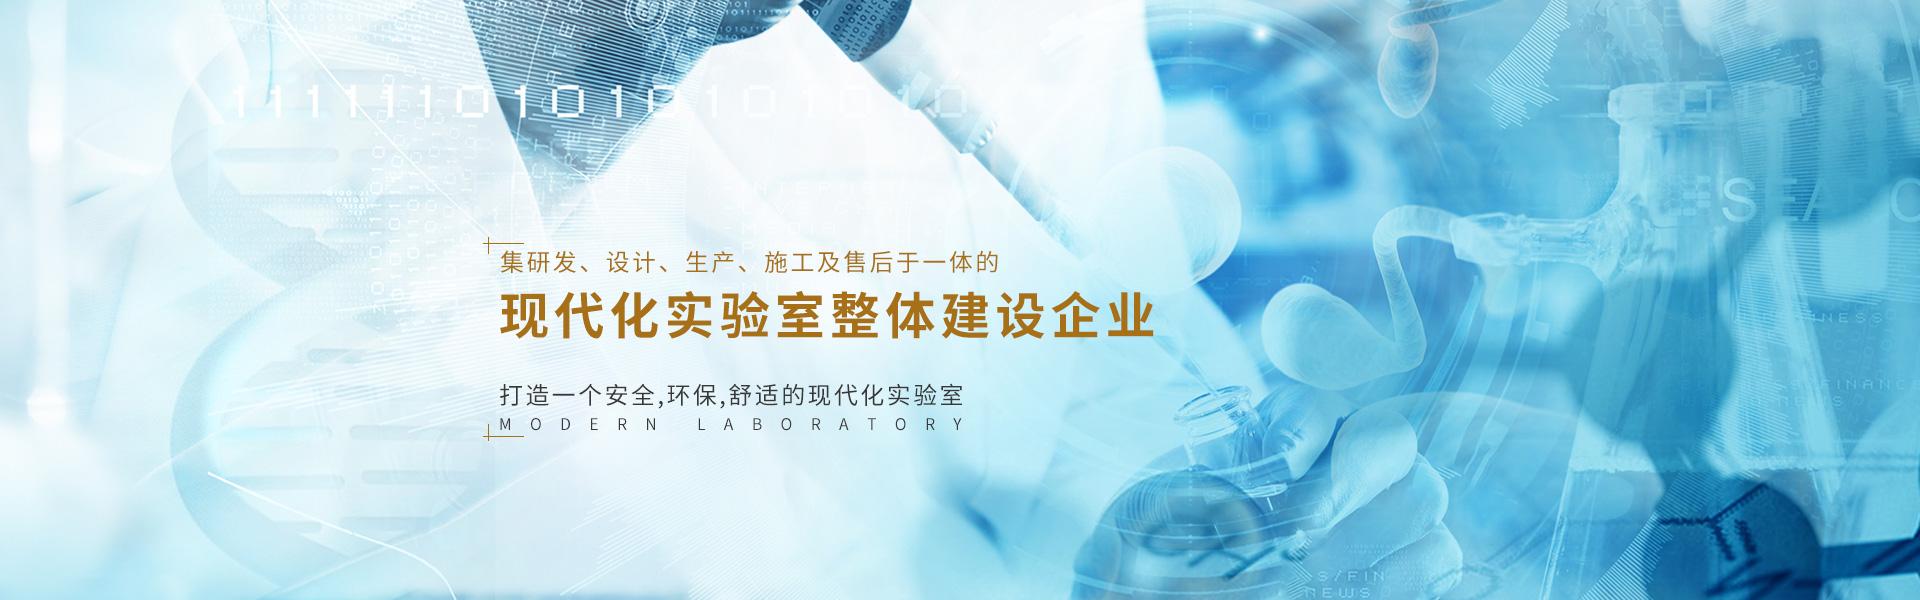 重慶實驗室家具